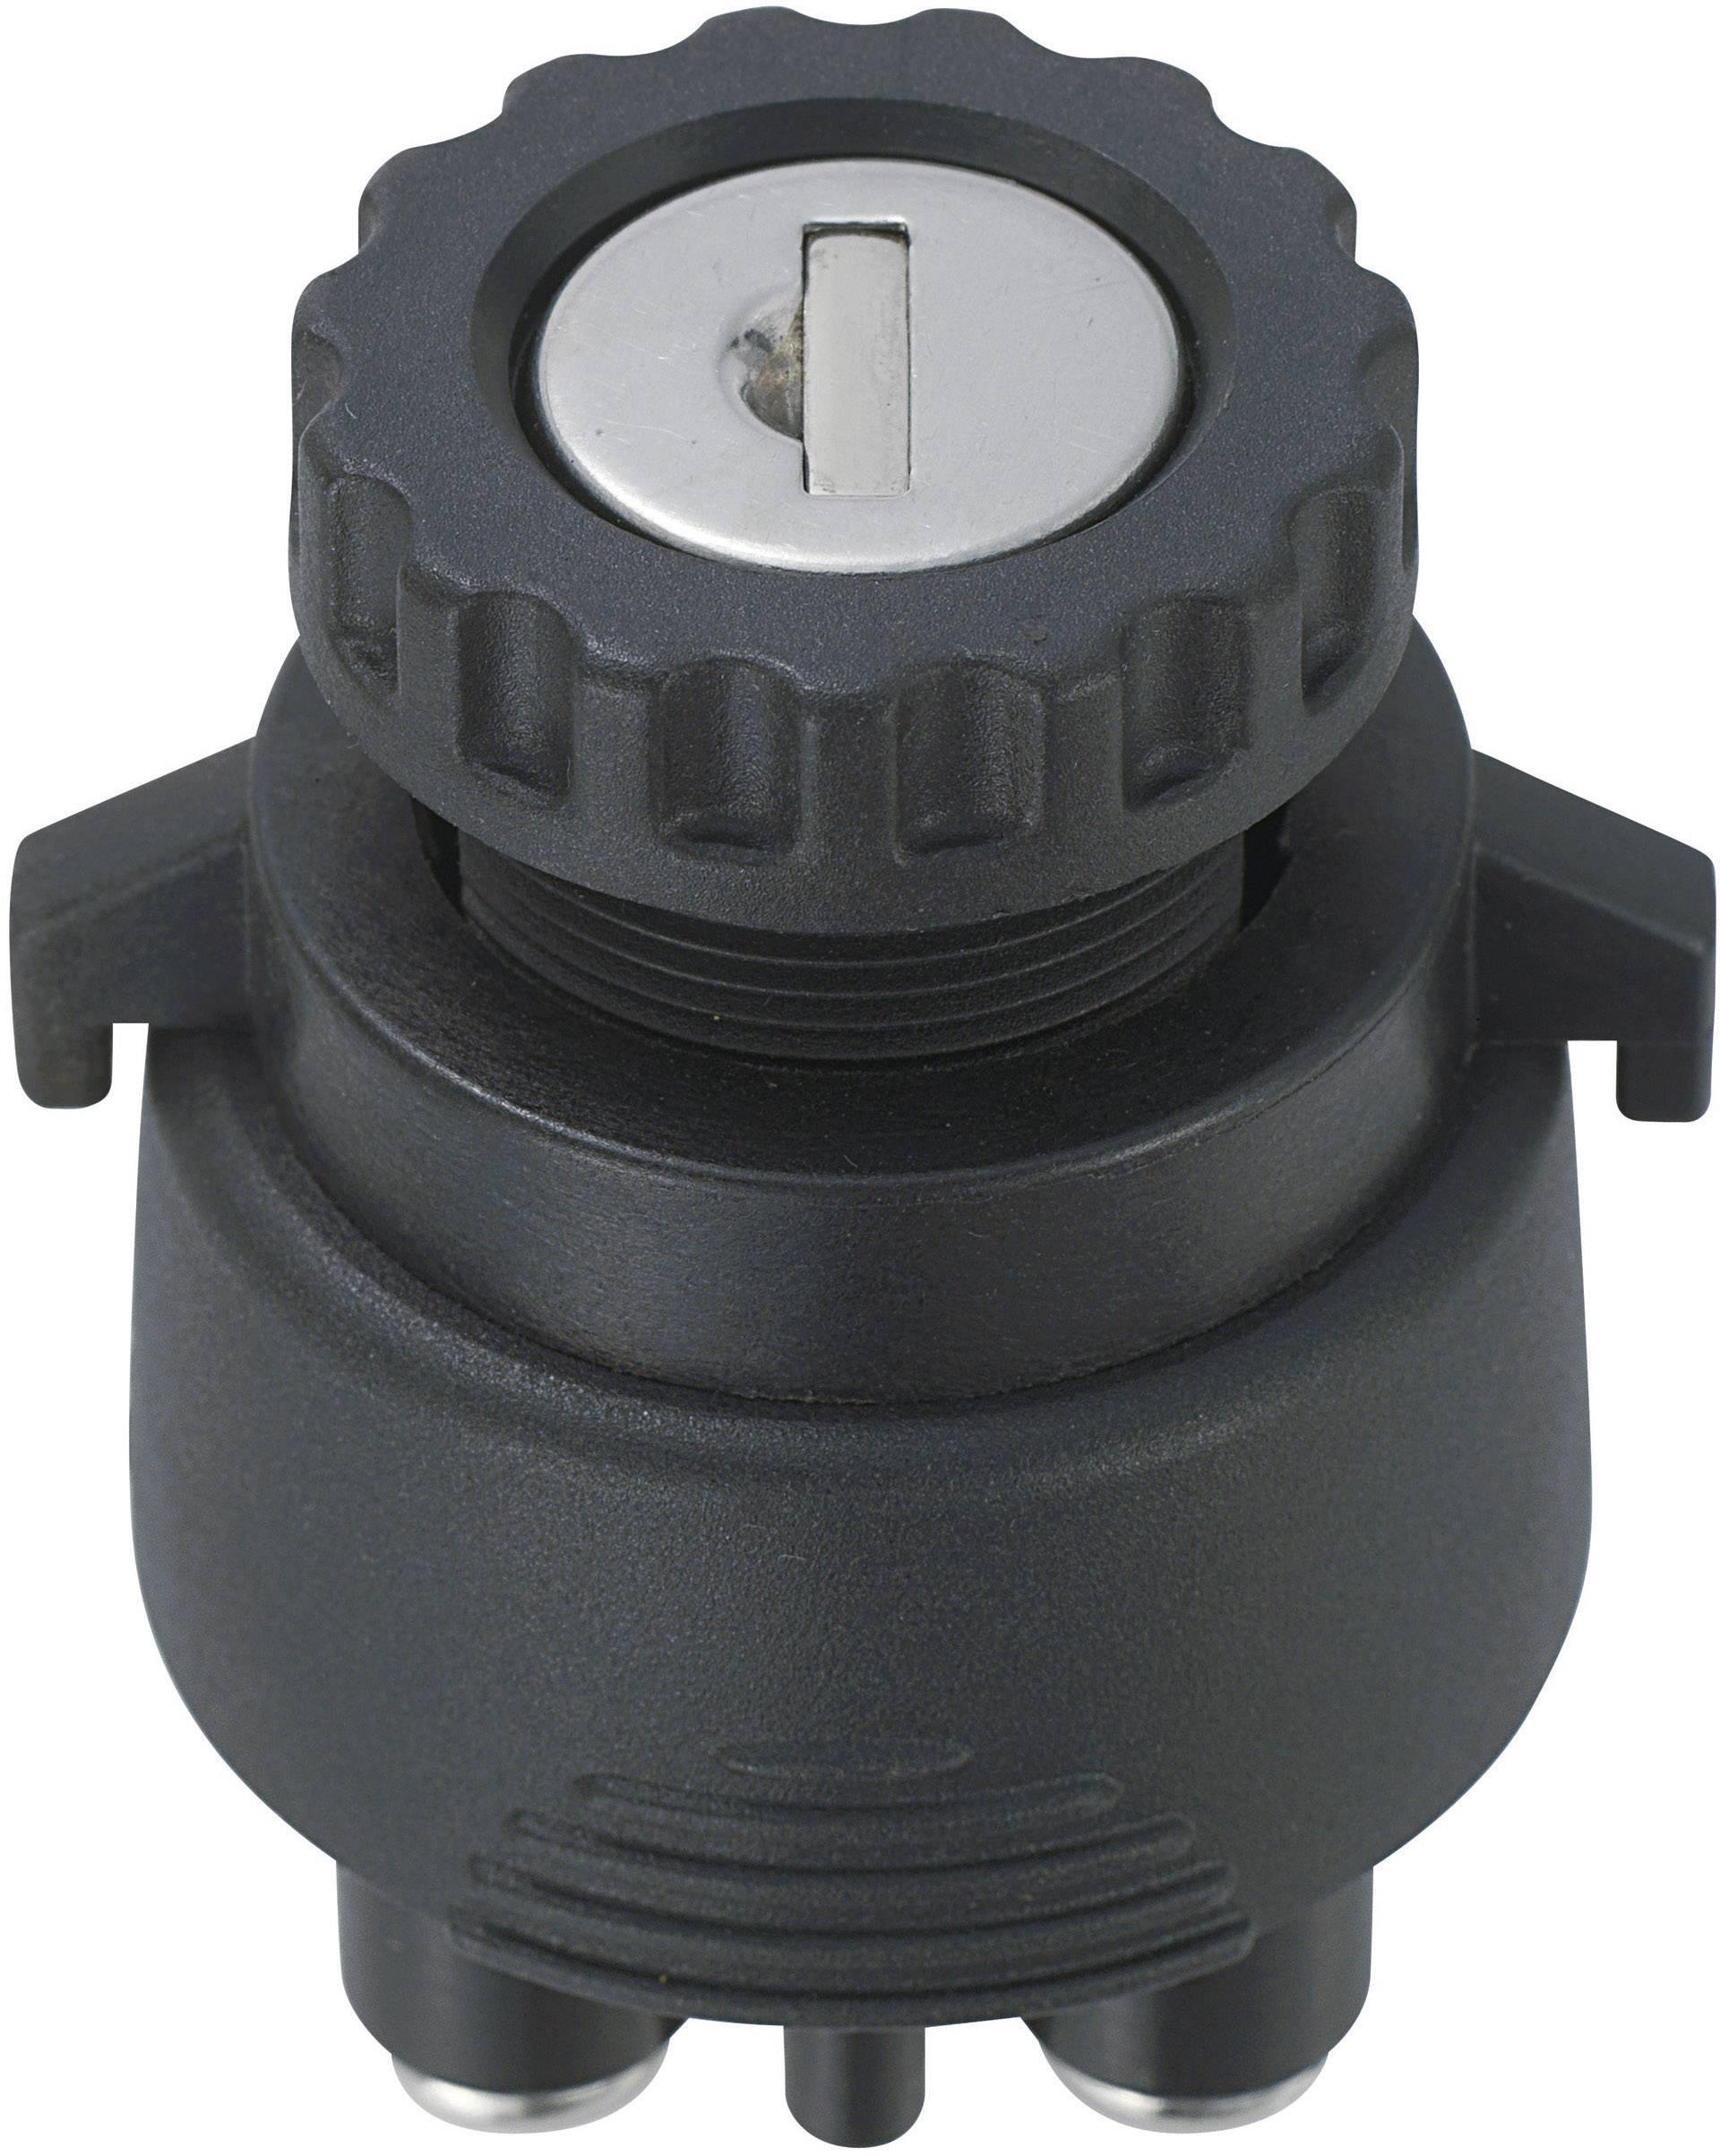 Kľúčový spínač SCI K3-33 701915, 12 V/DC, 15 A, 2x zap/zap, 1 x 30 °, 1 ks